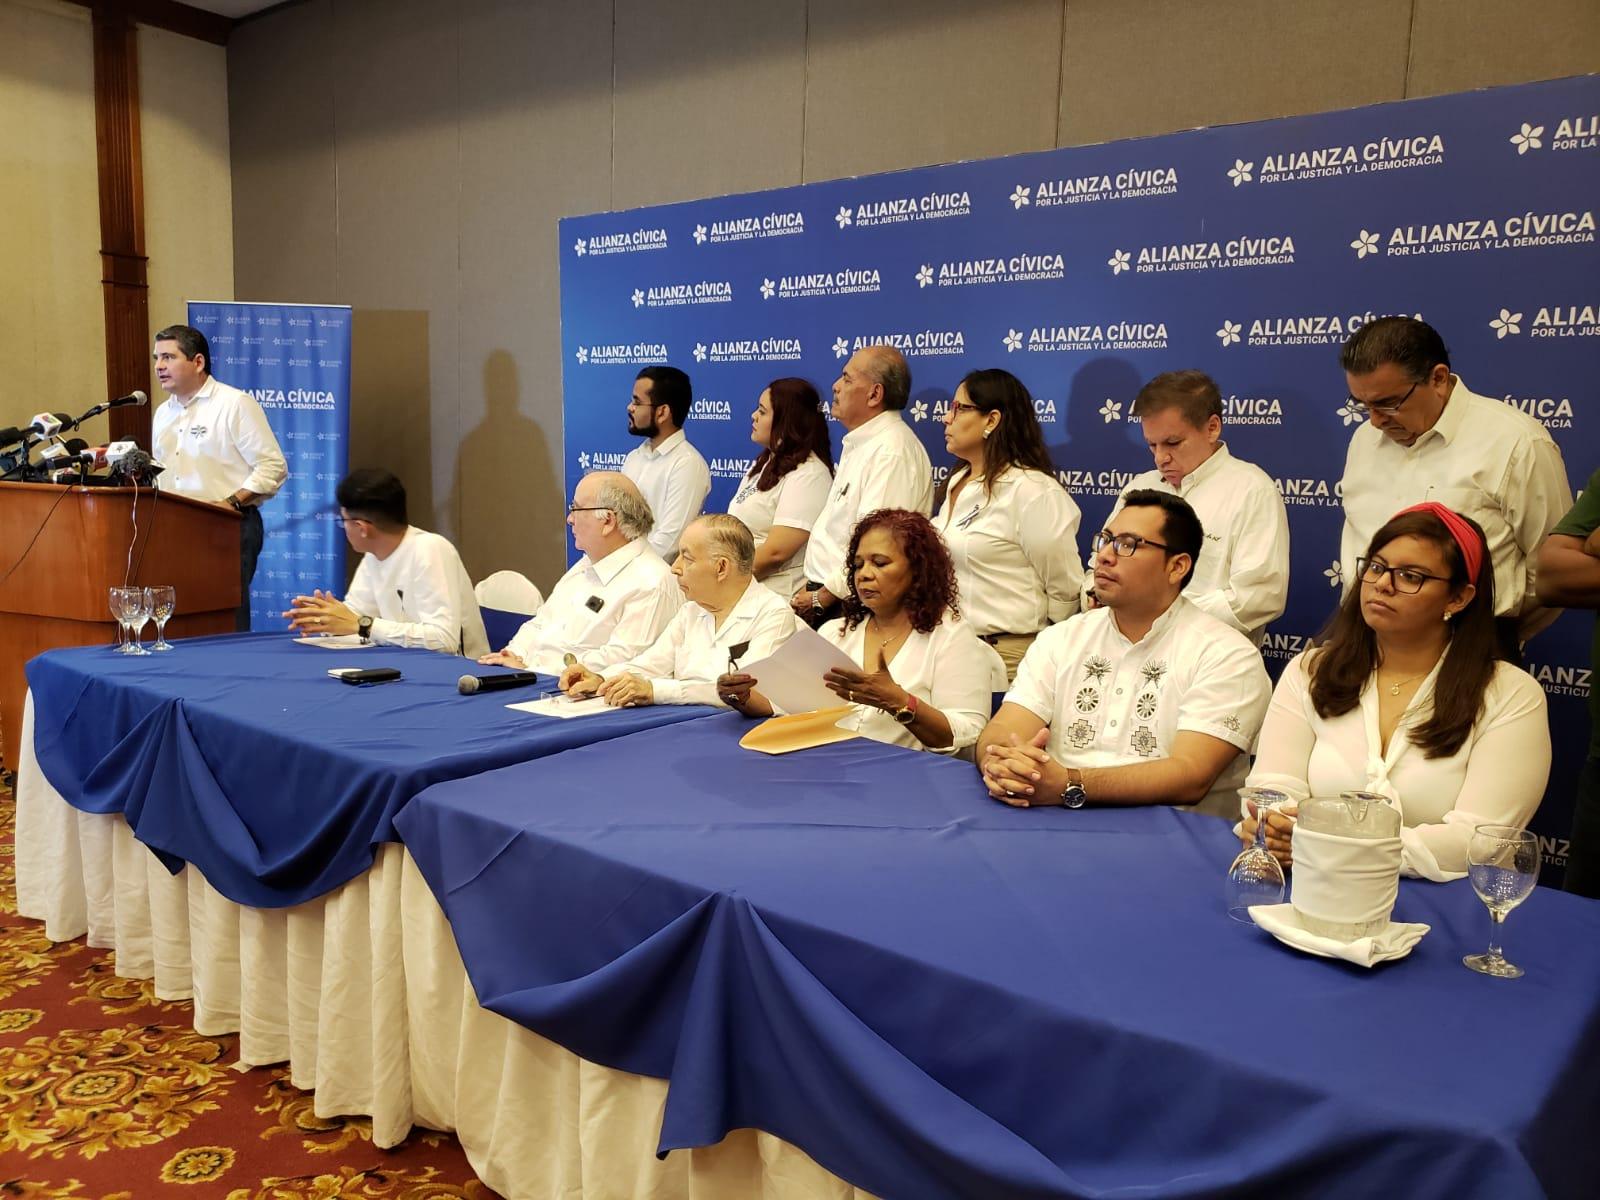 Alianza Cívica designa a su «nueva» junta directiva, pero reelige a la mayoría de sus miembros. Foto: Geovanny Shifman/ Artículo 66